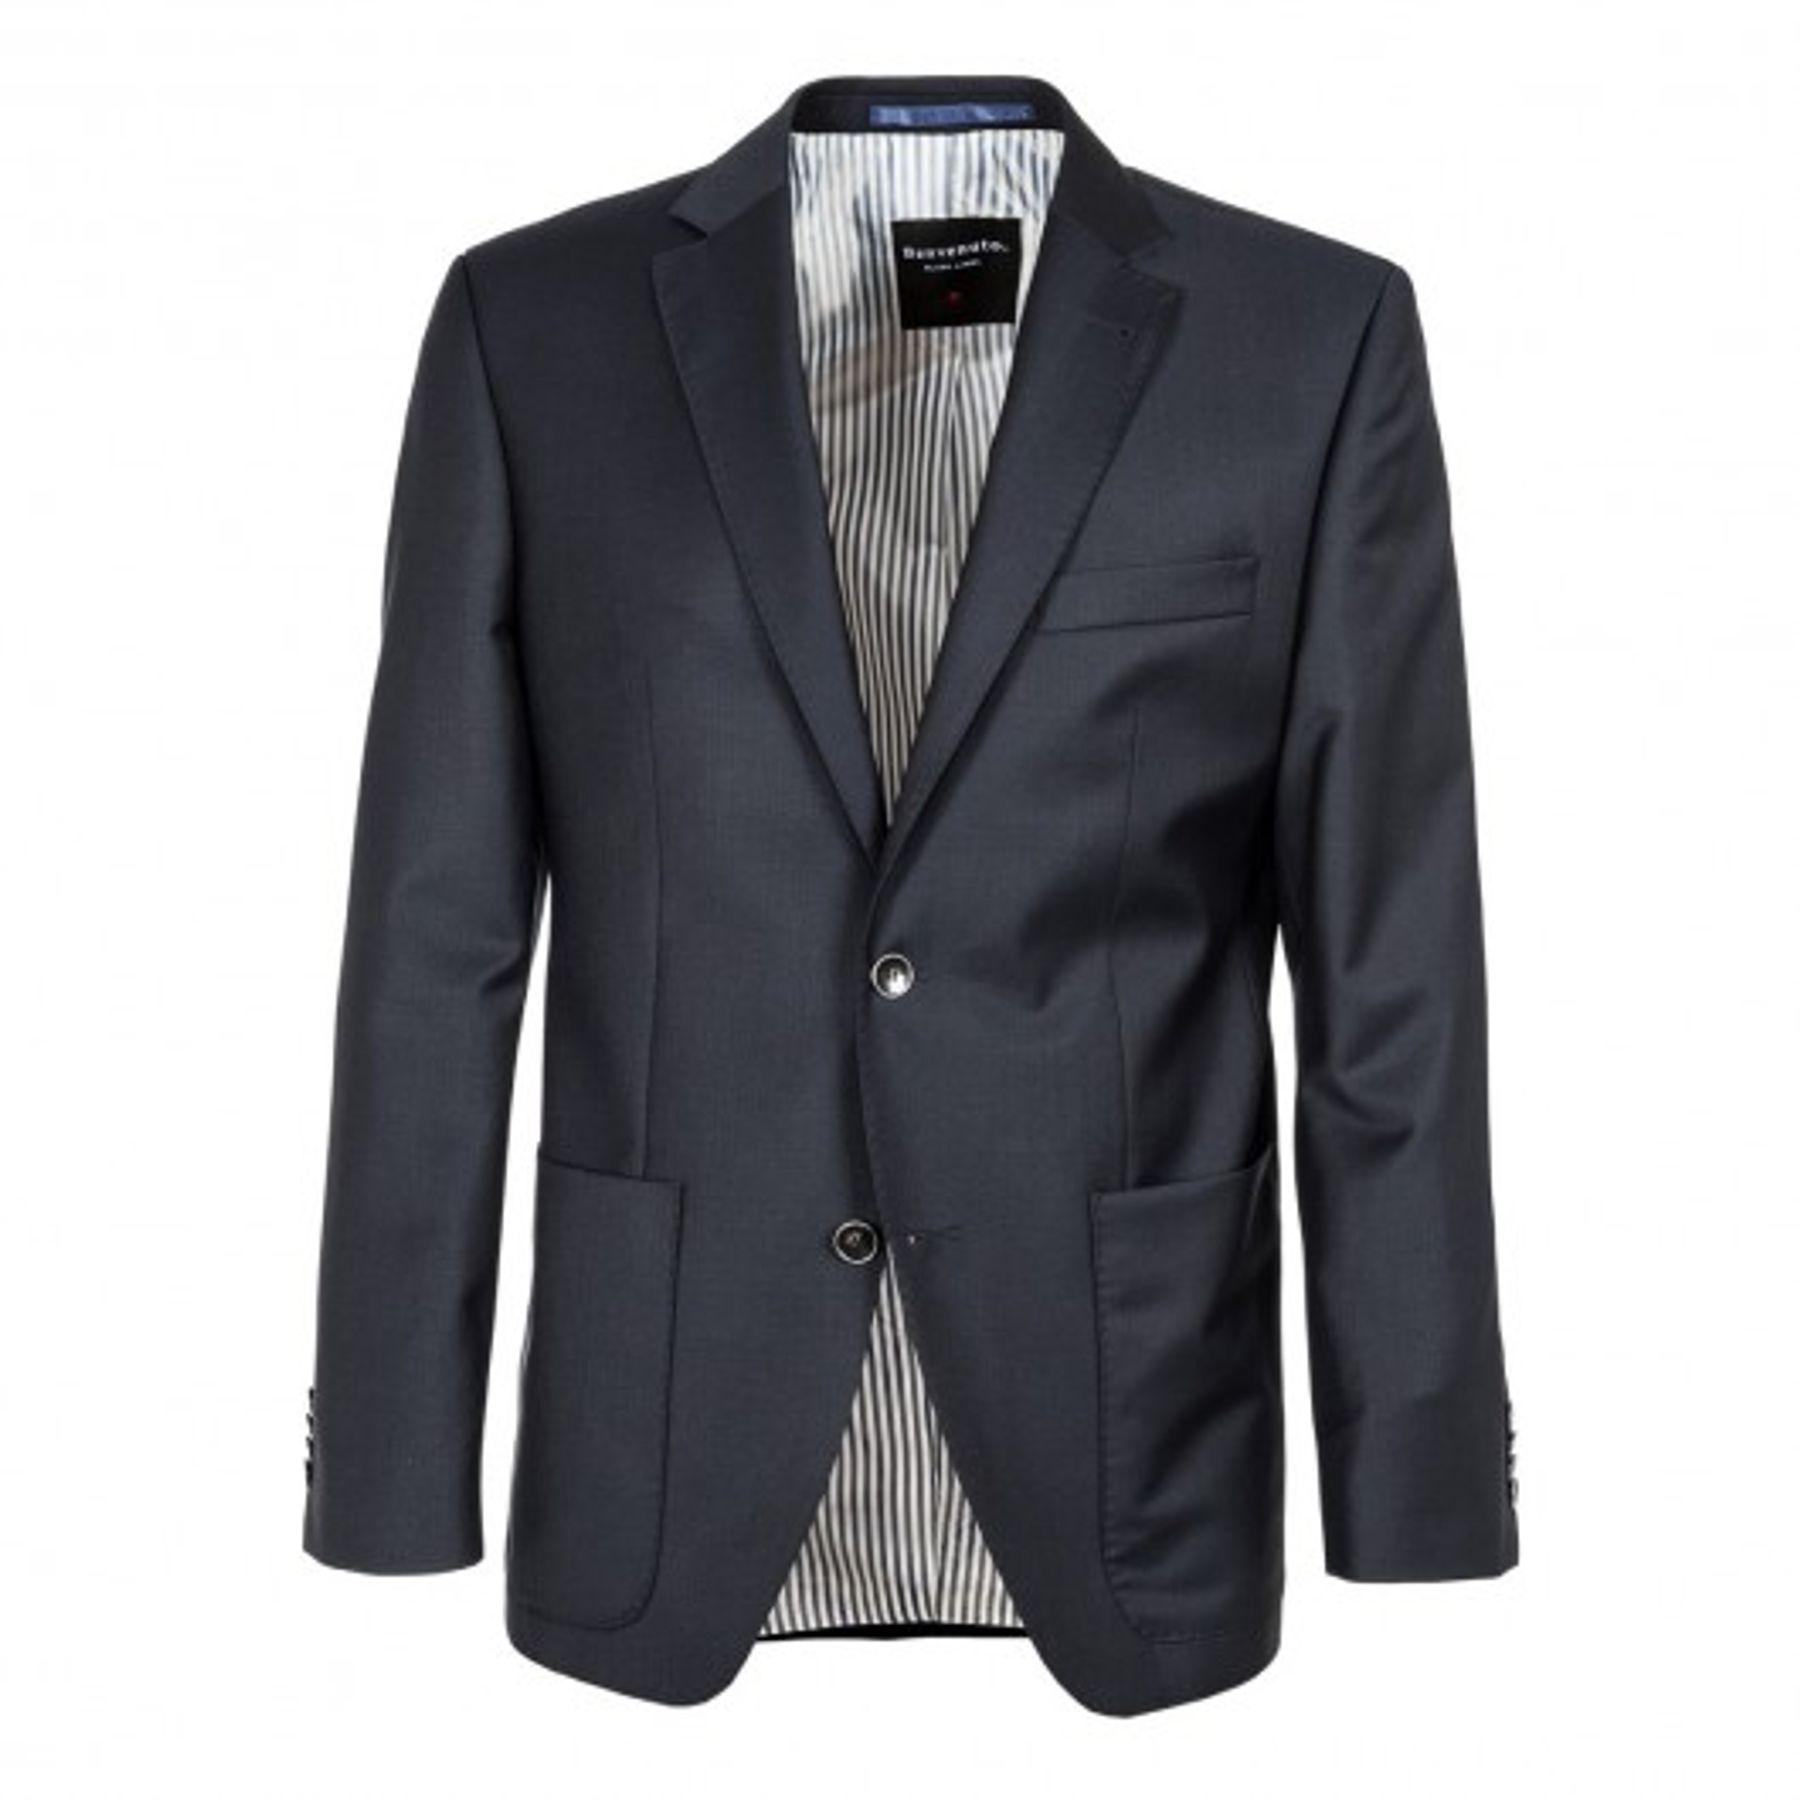 Benvenuto Black - Regular Fit - Herren Baukasten Sakko aus 100% Schurwolle Super 120s, Bellini (20583, Modell: 62589) – Bild 2